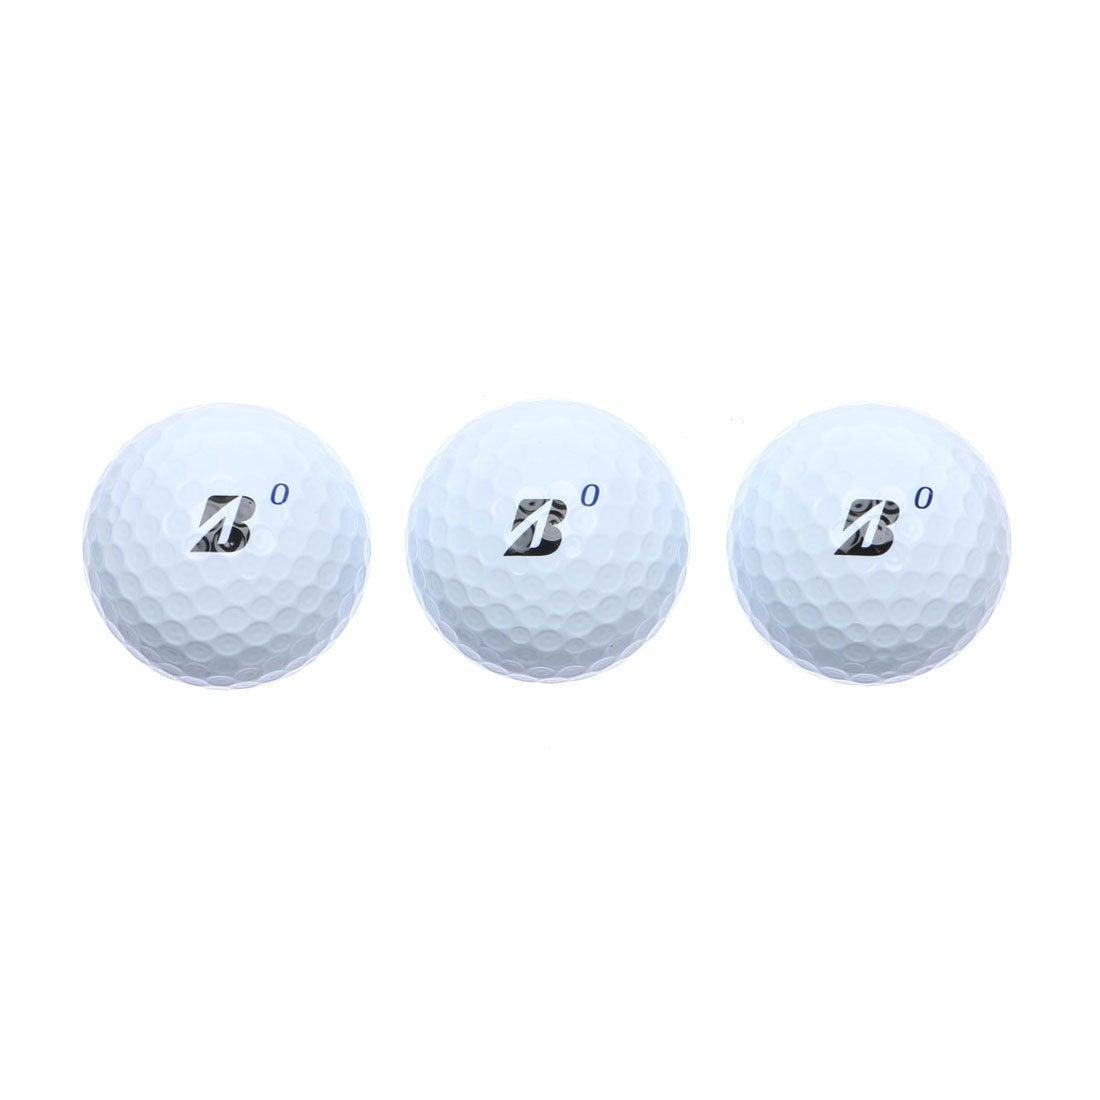 ブリヂストンゴルフ BRIDGESTONE GOLF ゴルフ 公認球 TOUR B XS ホワイト 8SWXJ